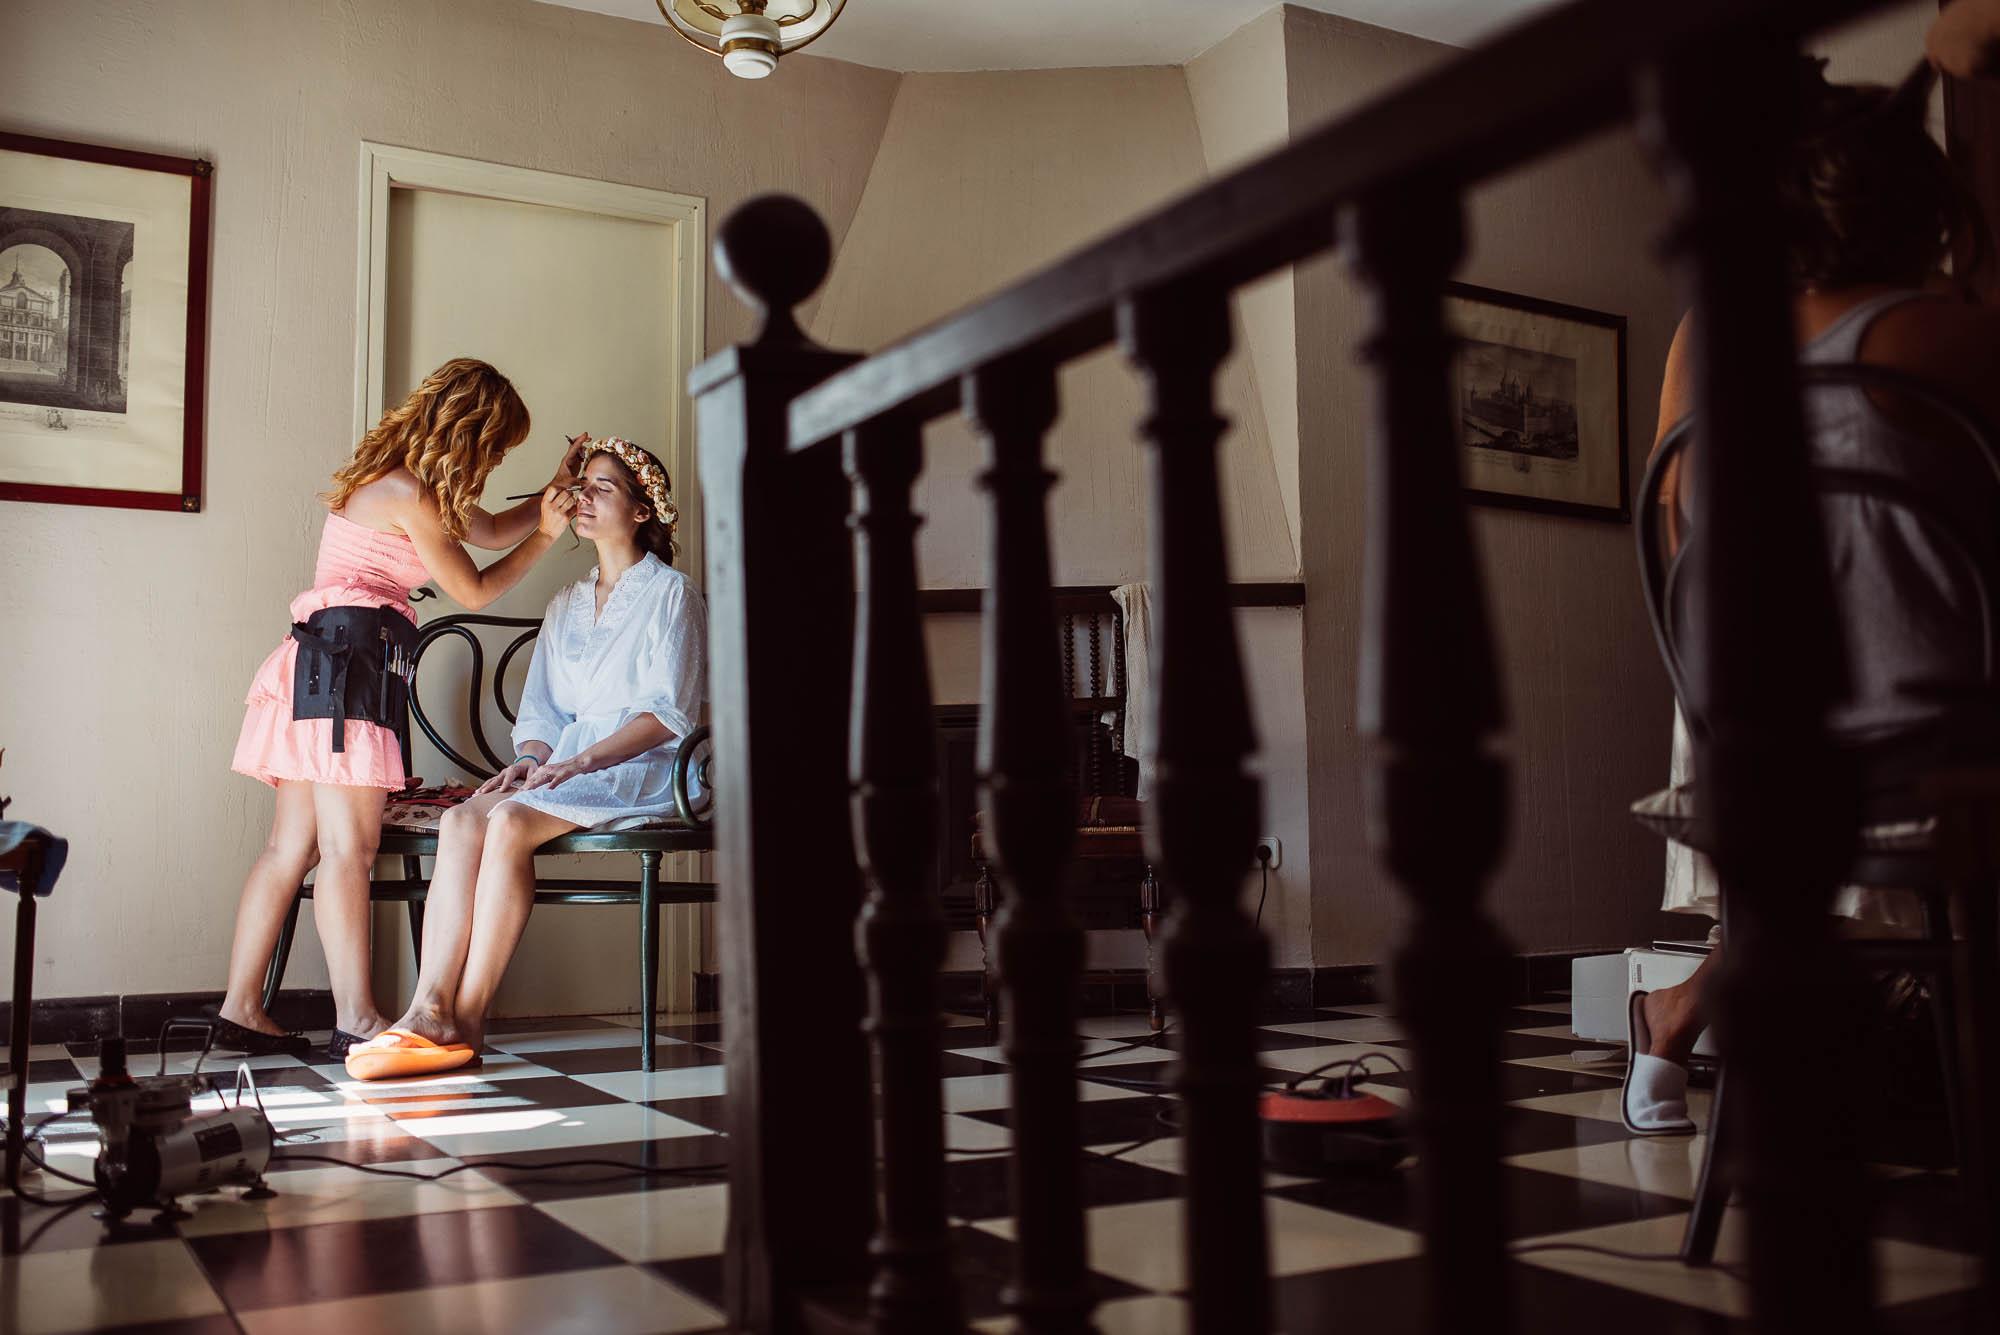 La maquilladora hace el maquillaje de la novia para la boda